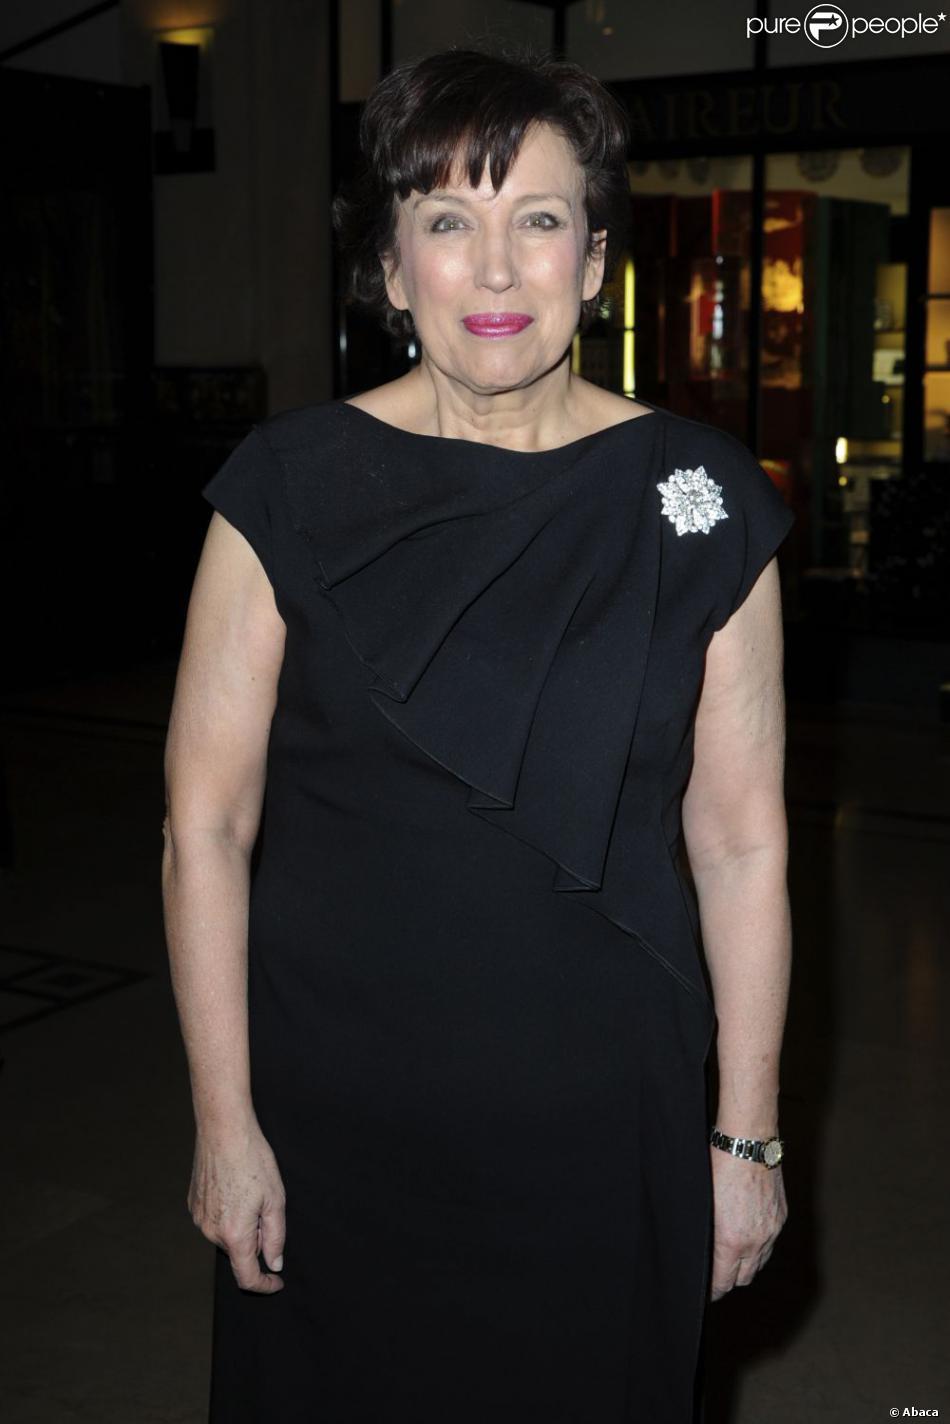 Roselyne Bachelot à l'ouverture du magasin de prêt-à-porter  Lady R Forrest  à Paris, le 23 janvier 2013.